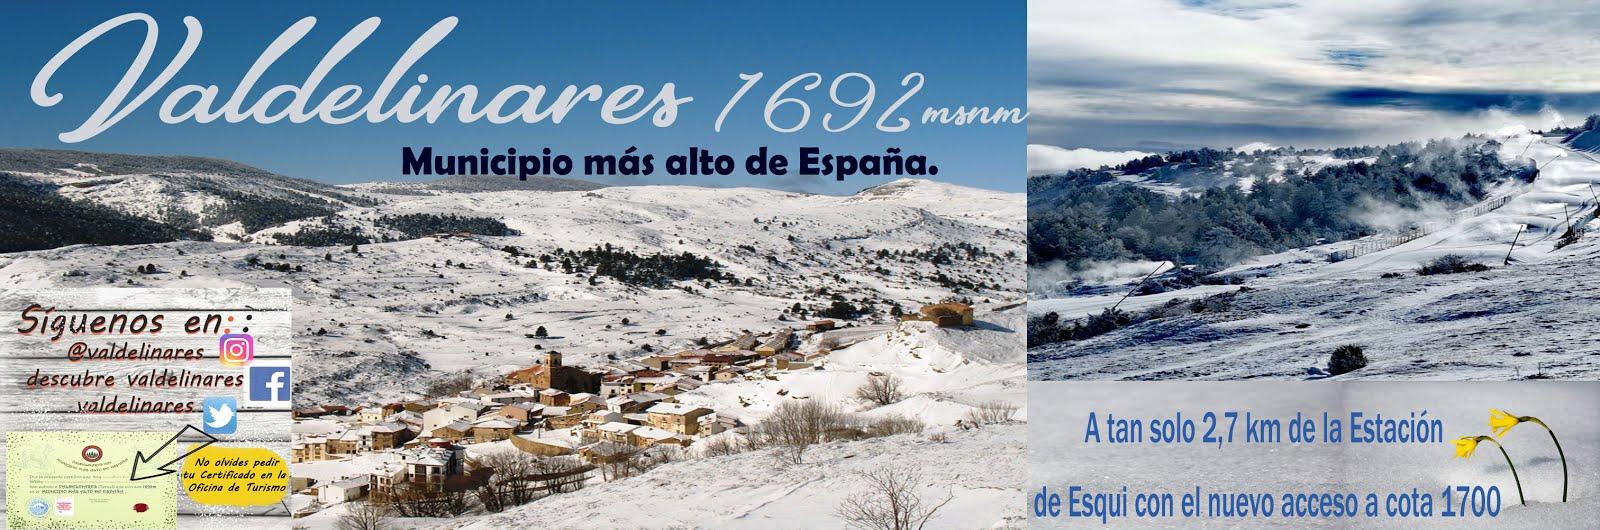 Valdelinares Municipio más alto de España